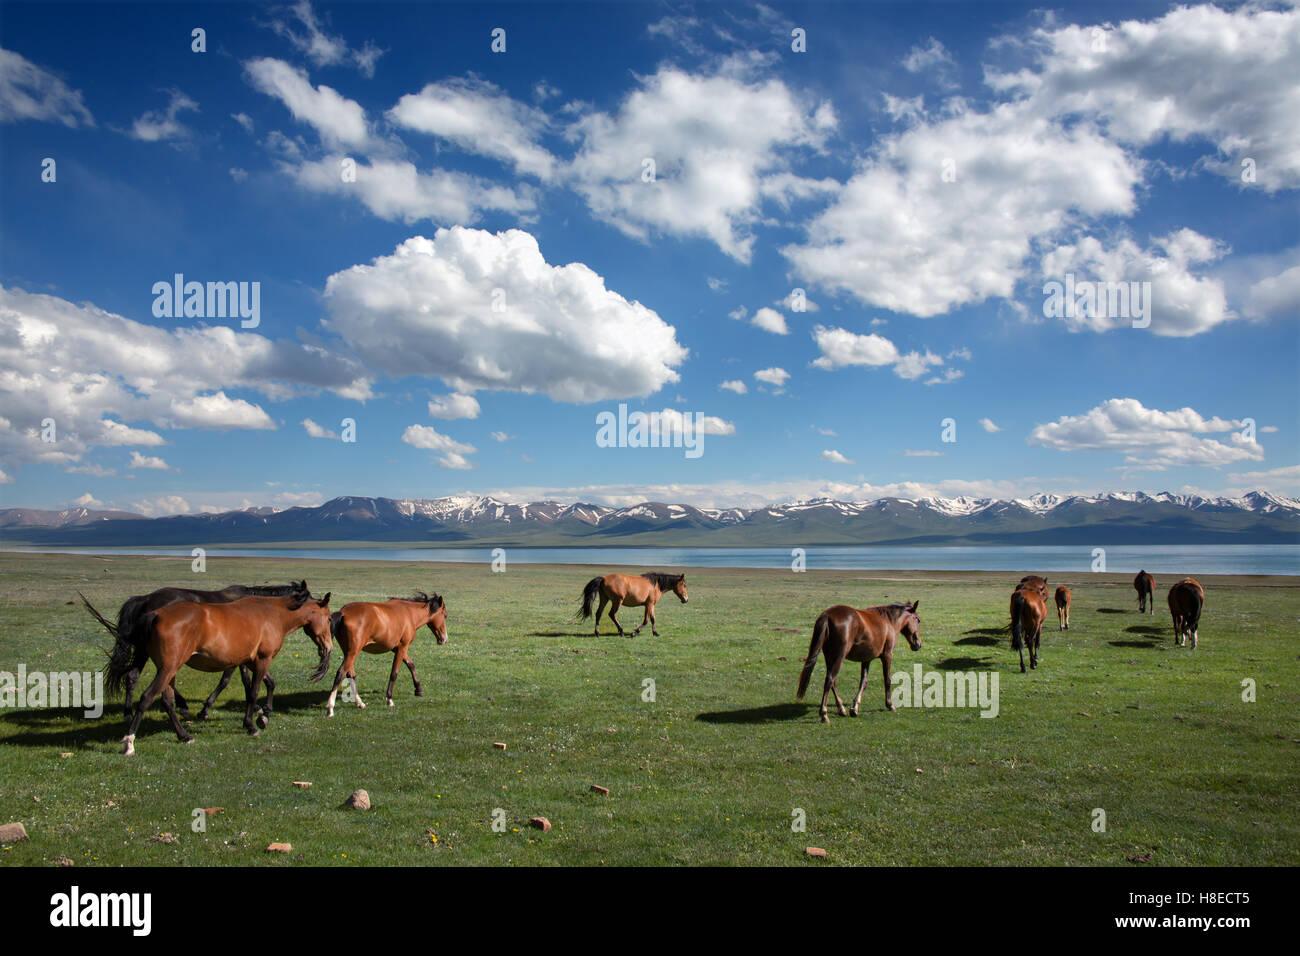 Kirgisistan - Pferde am See Lied Kol - Travel People Zentralasien Stockbild